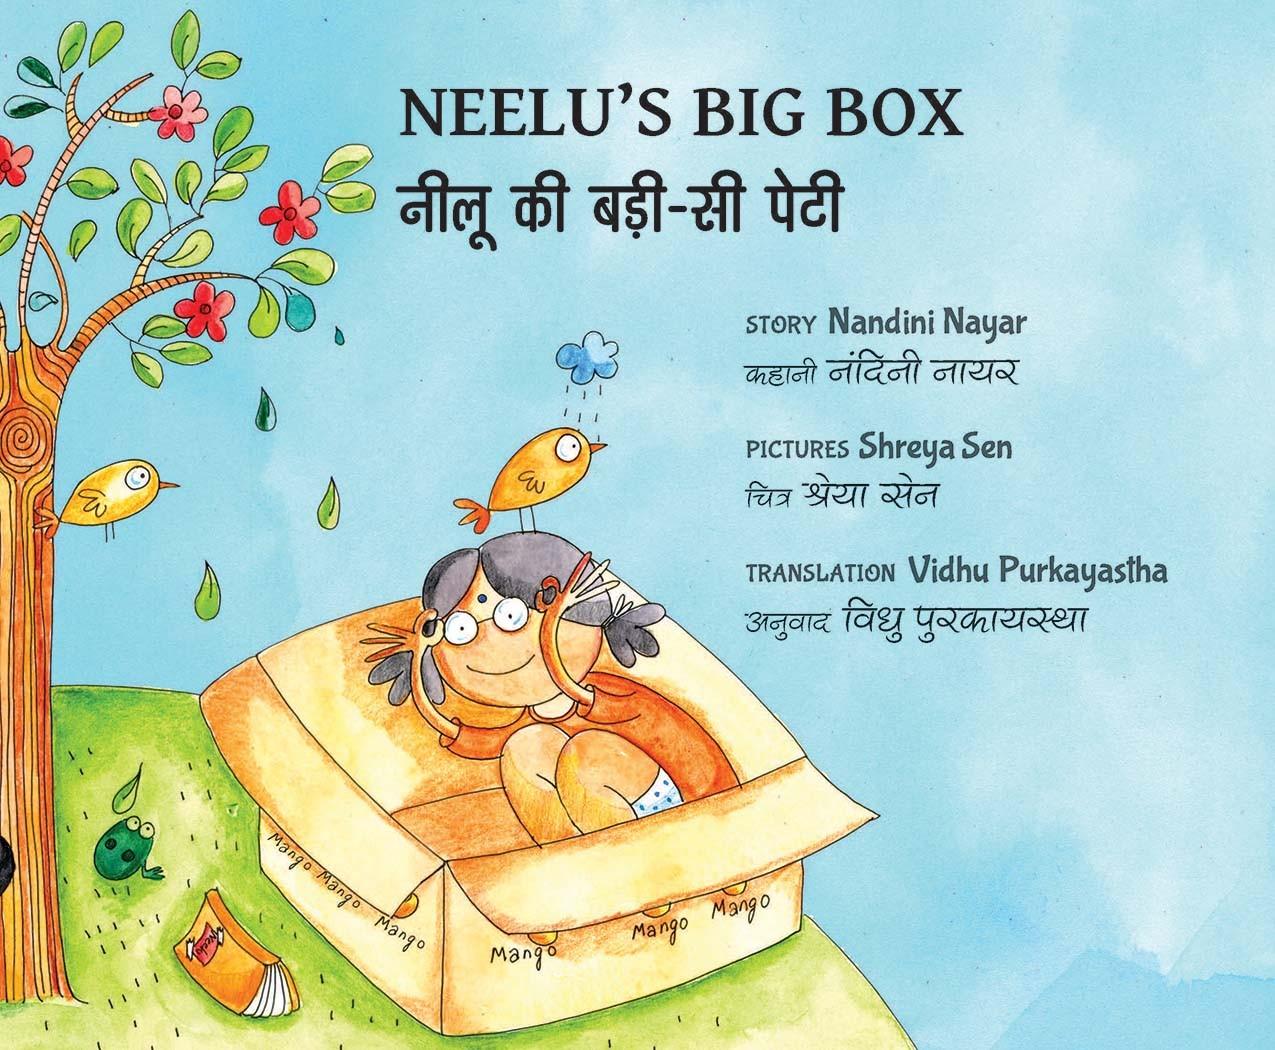 Neelu's Big Box/Neelu Ki Badi-si Peti (English-Hindi)